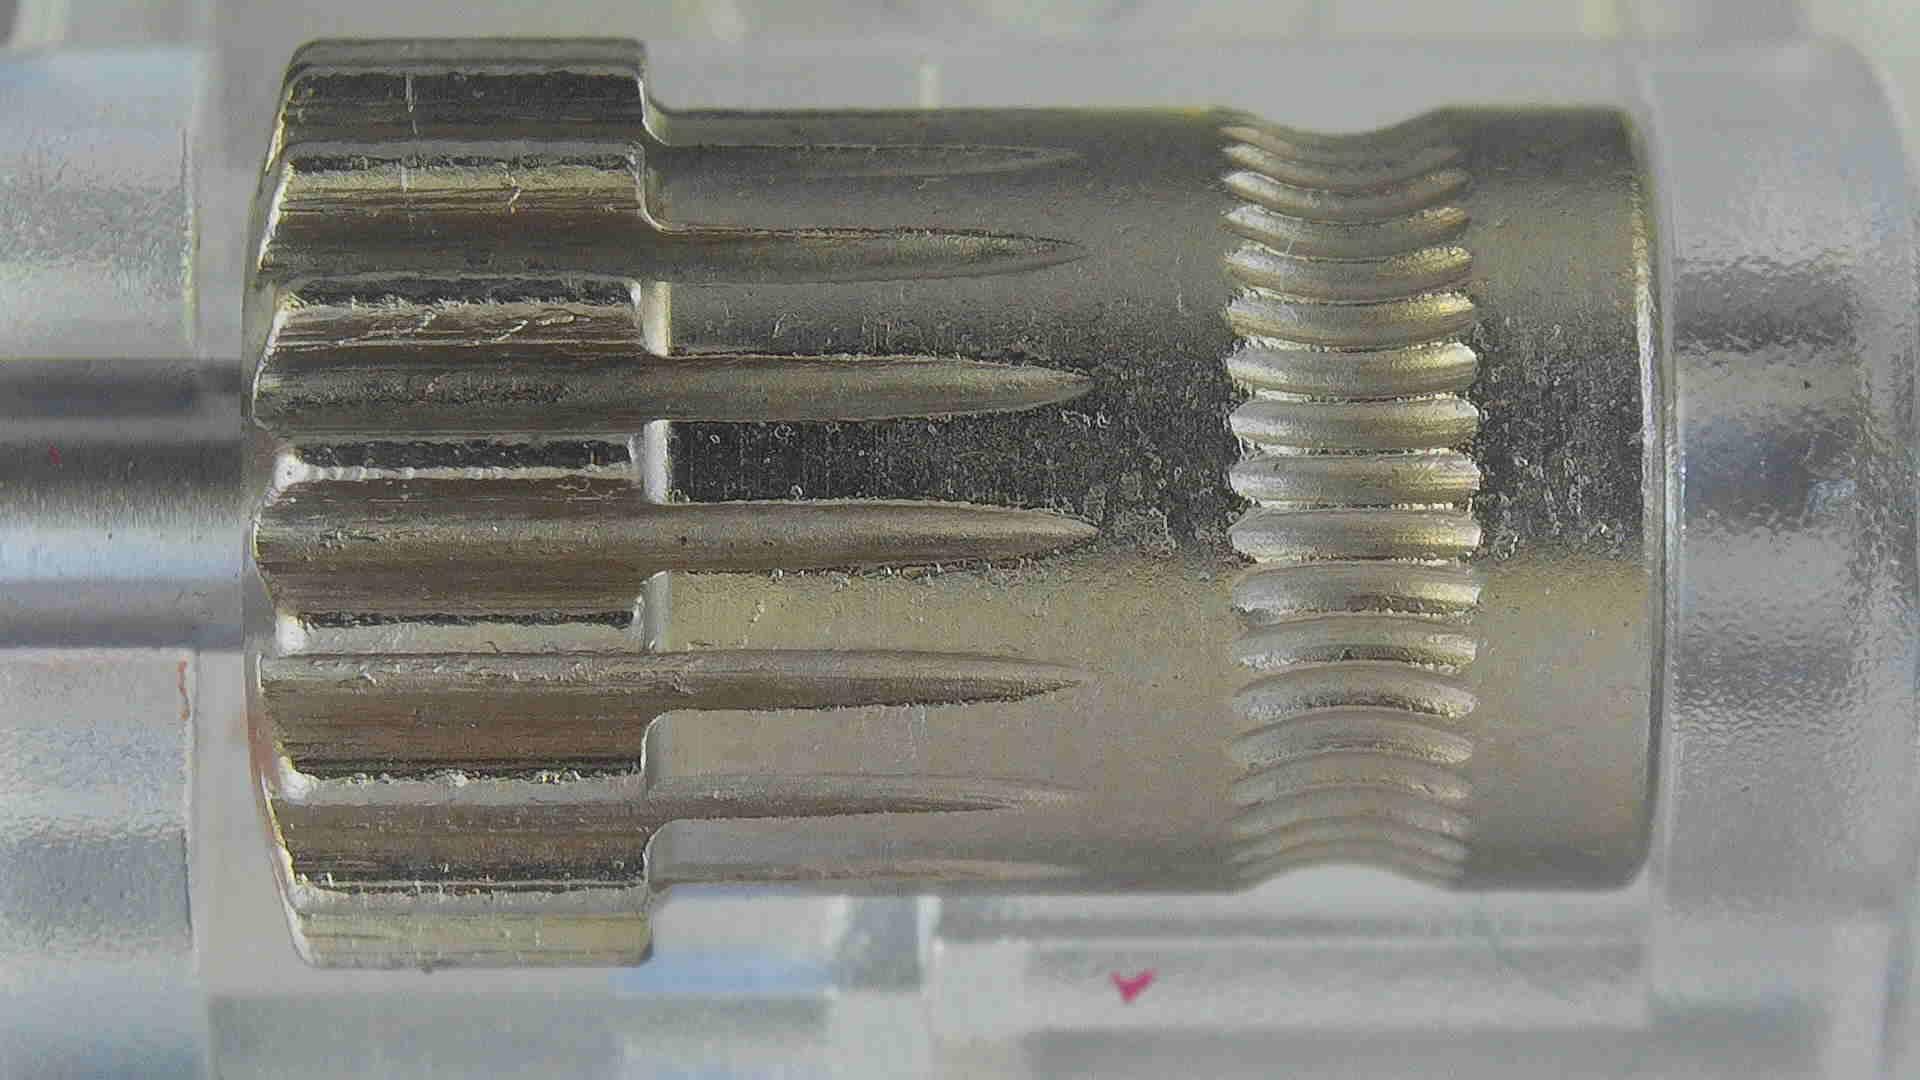 BMG-Wind-Gear-Machining-Quality-2